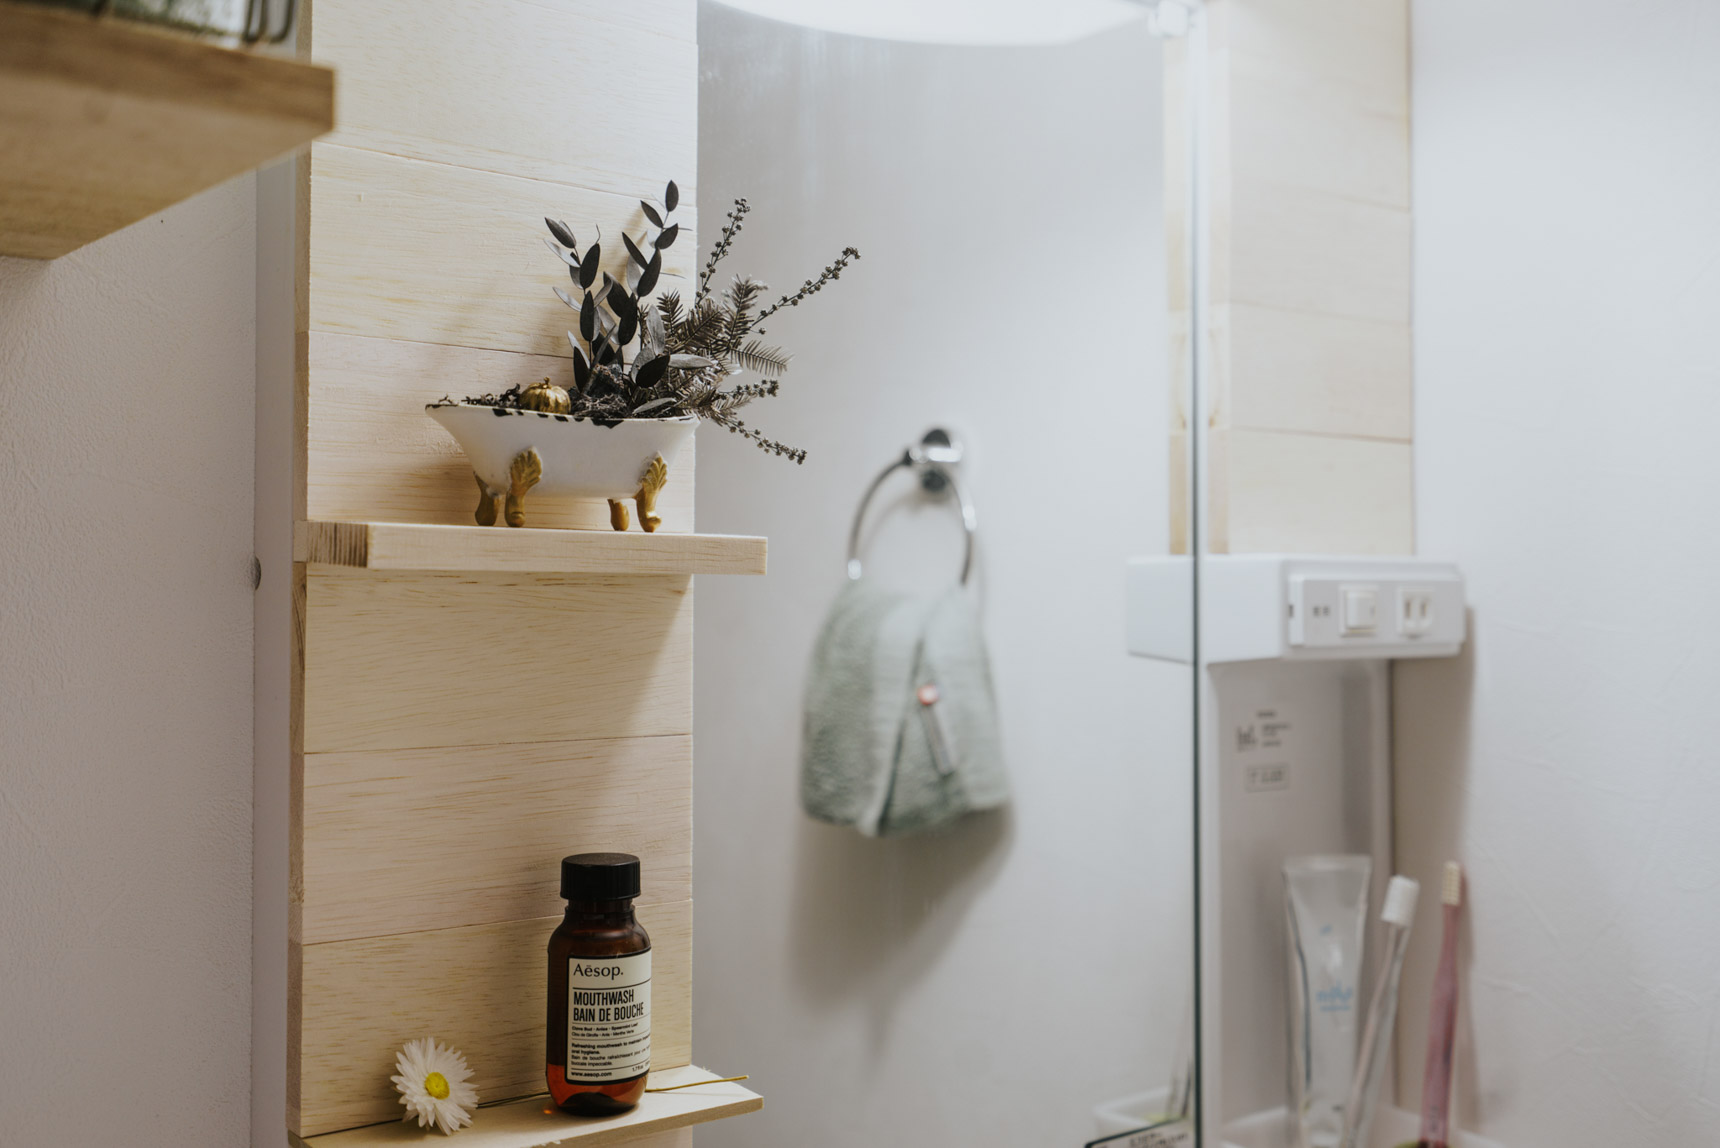 賃貸のお部屋でぜひ取り入れたいな、と思ったのは、よくある洗面台に木材を貼り付けて雰囲気をよくするテクニック。板を挟み込むことで、ちょっとした棚も作られていました。これは素敵。